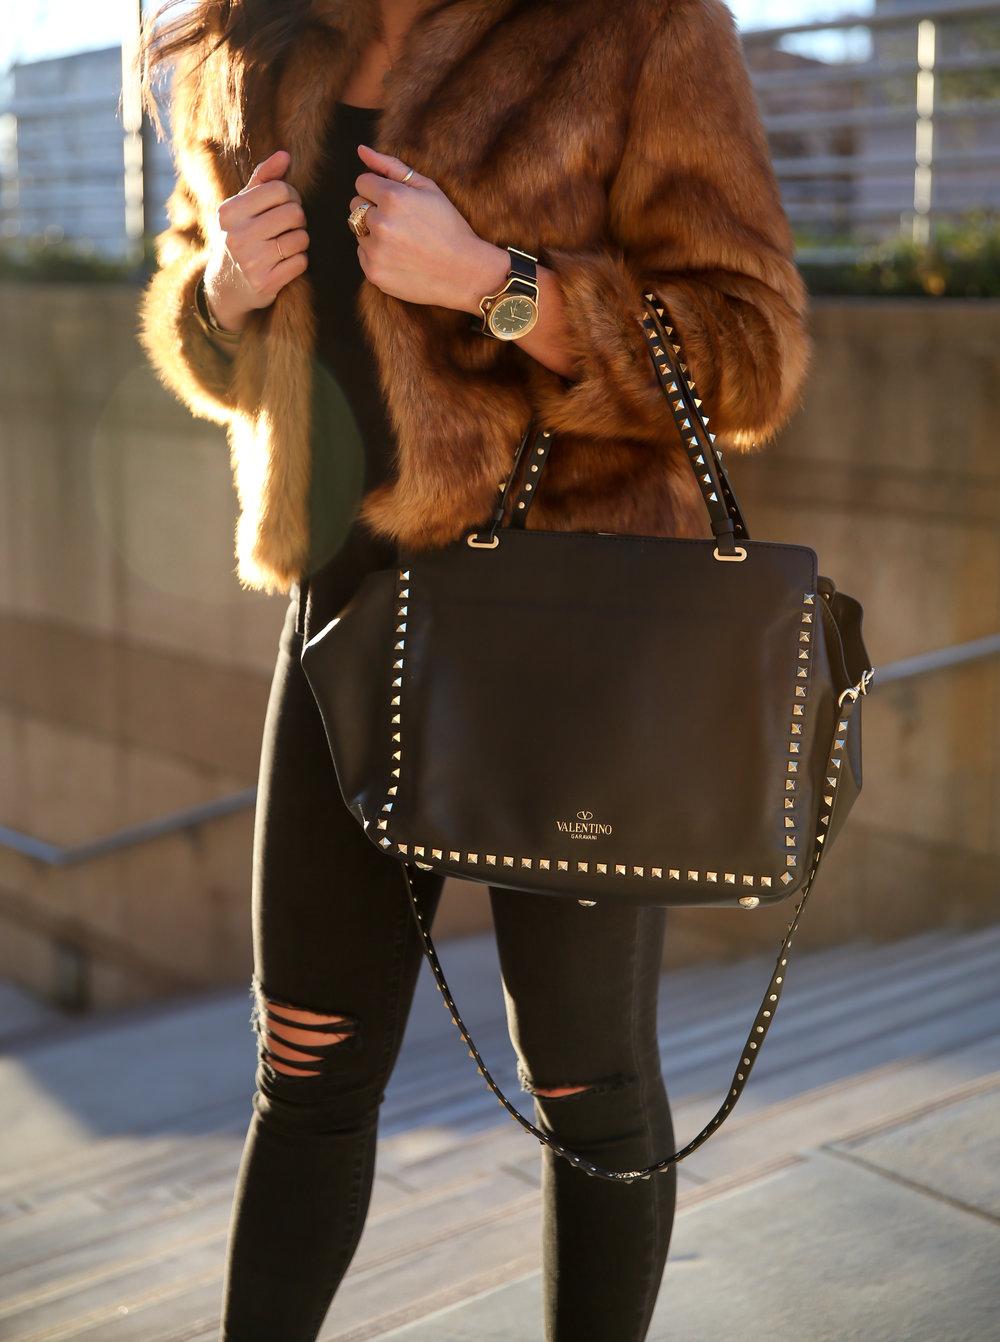 winter-style-faux-fur-ripped-black-skinny-jeans-lauren-schwaiger-style.jpg